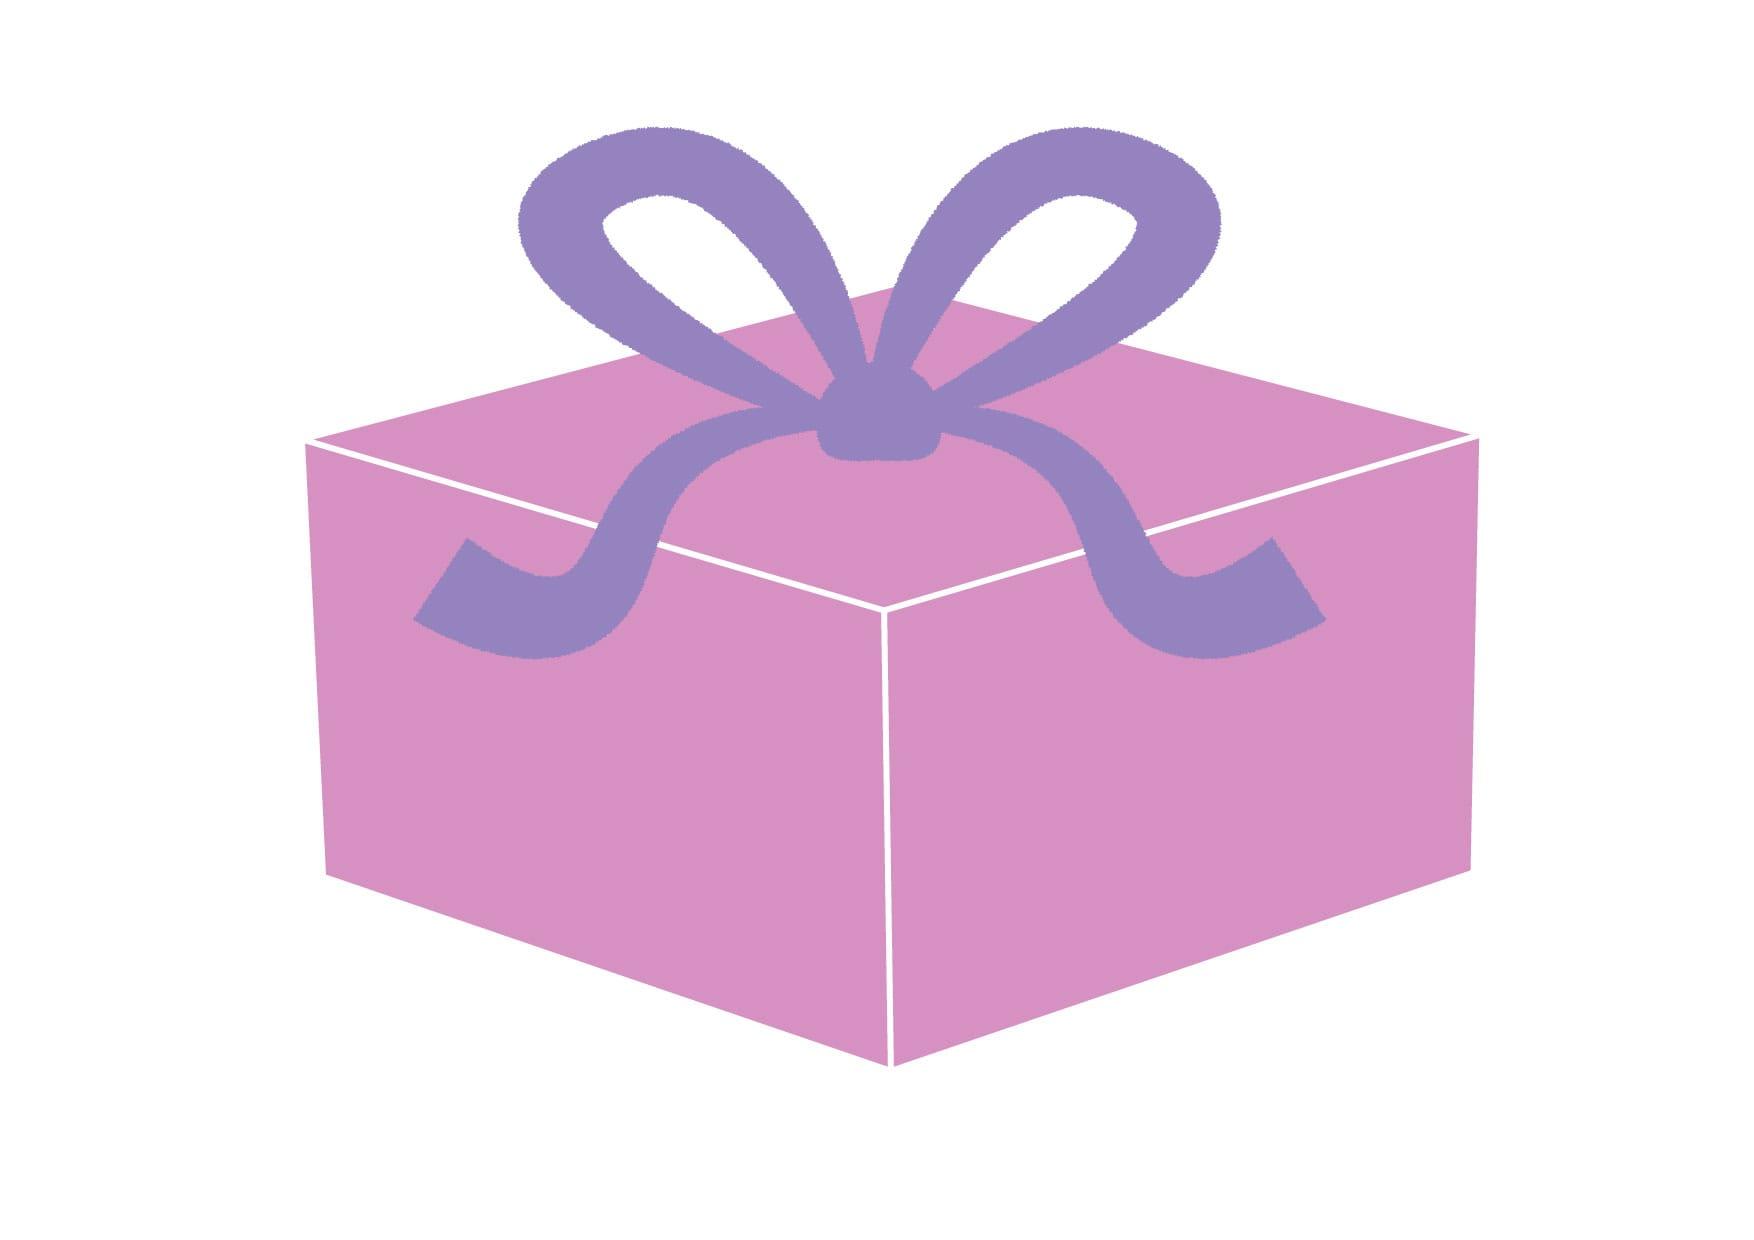 可愛いイラスト無料|プレゼント 紫色 − free illustration  Present purple